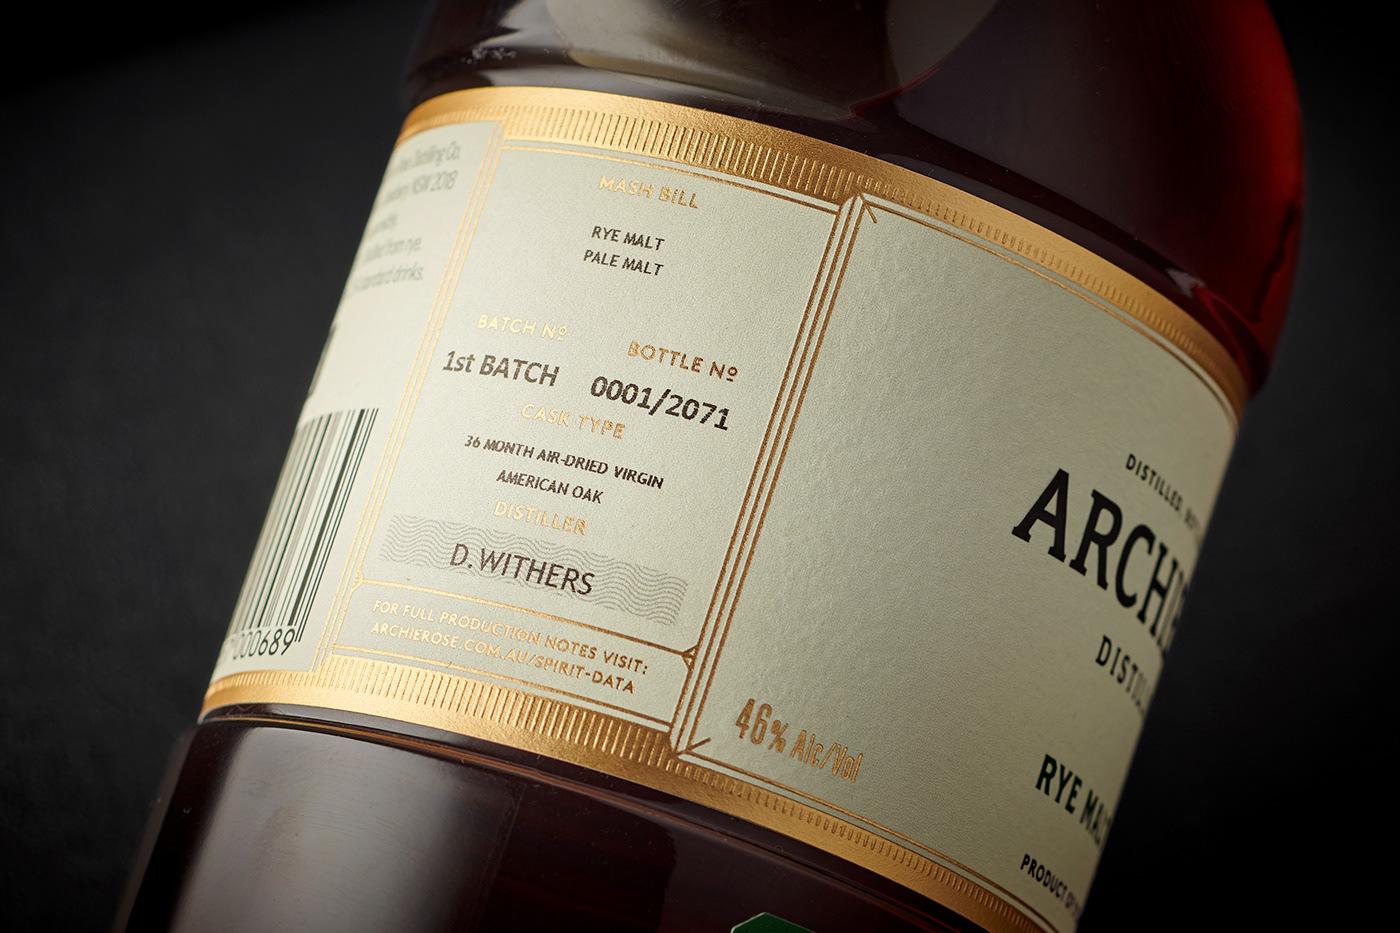 威士忌包装设计